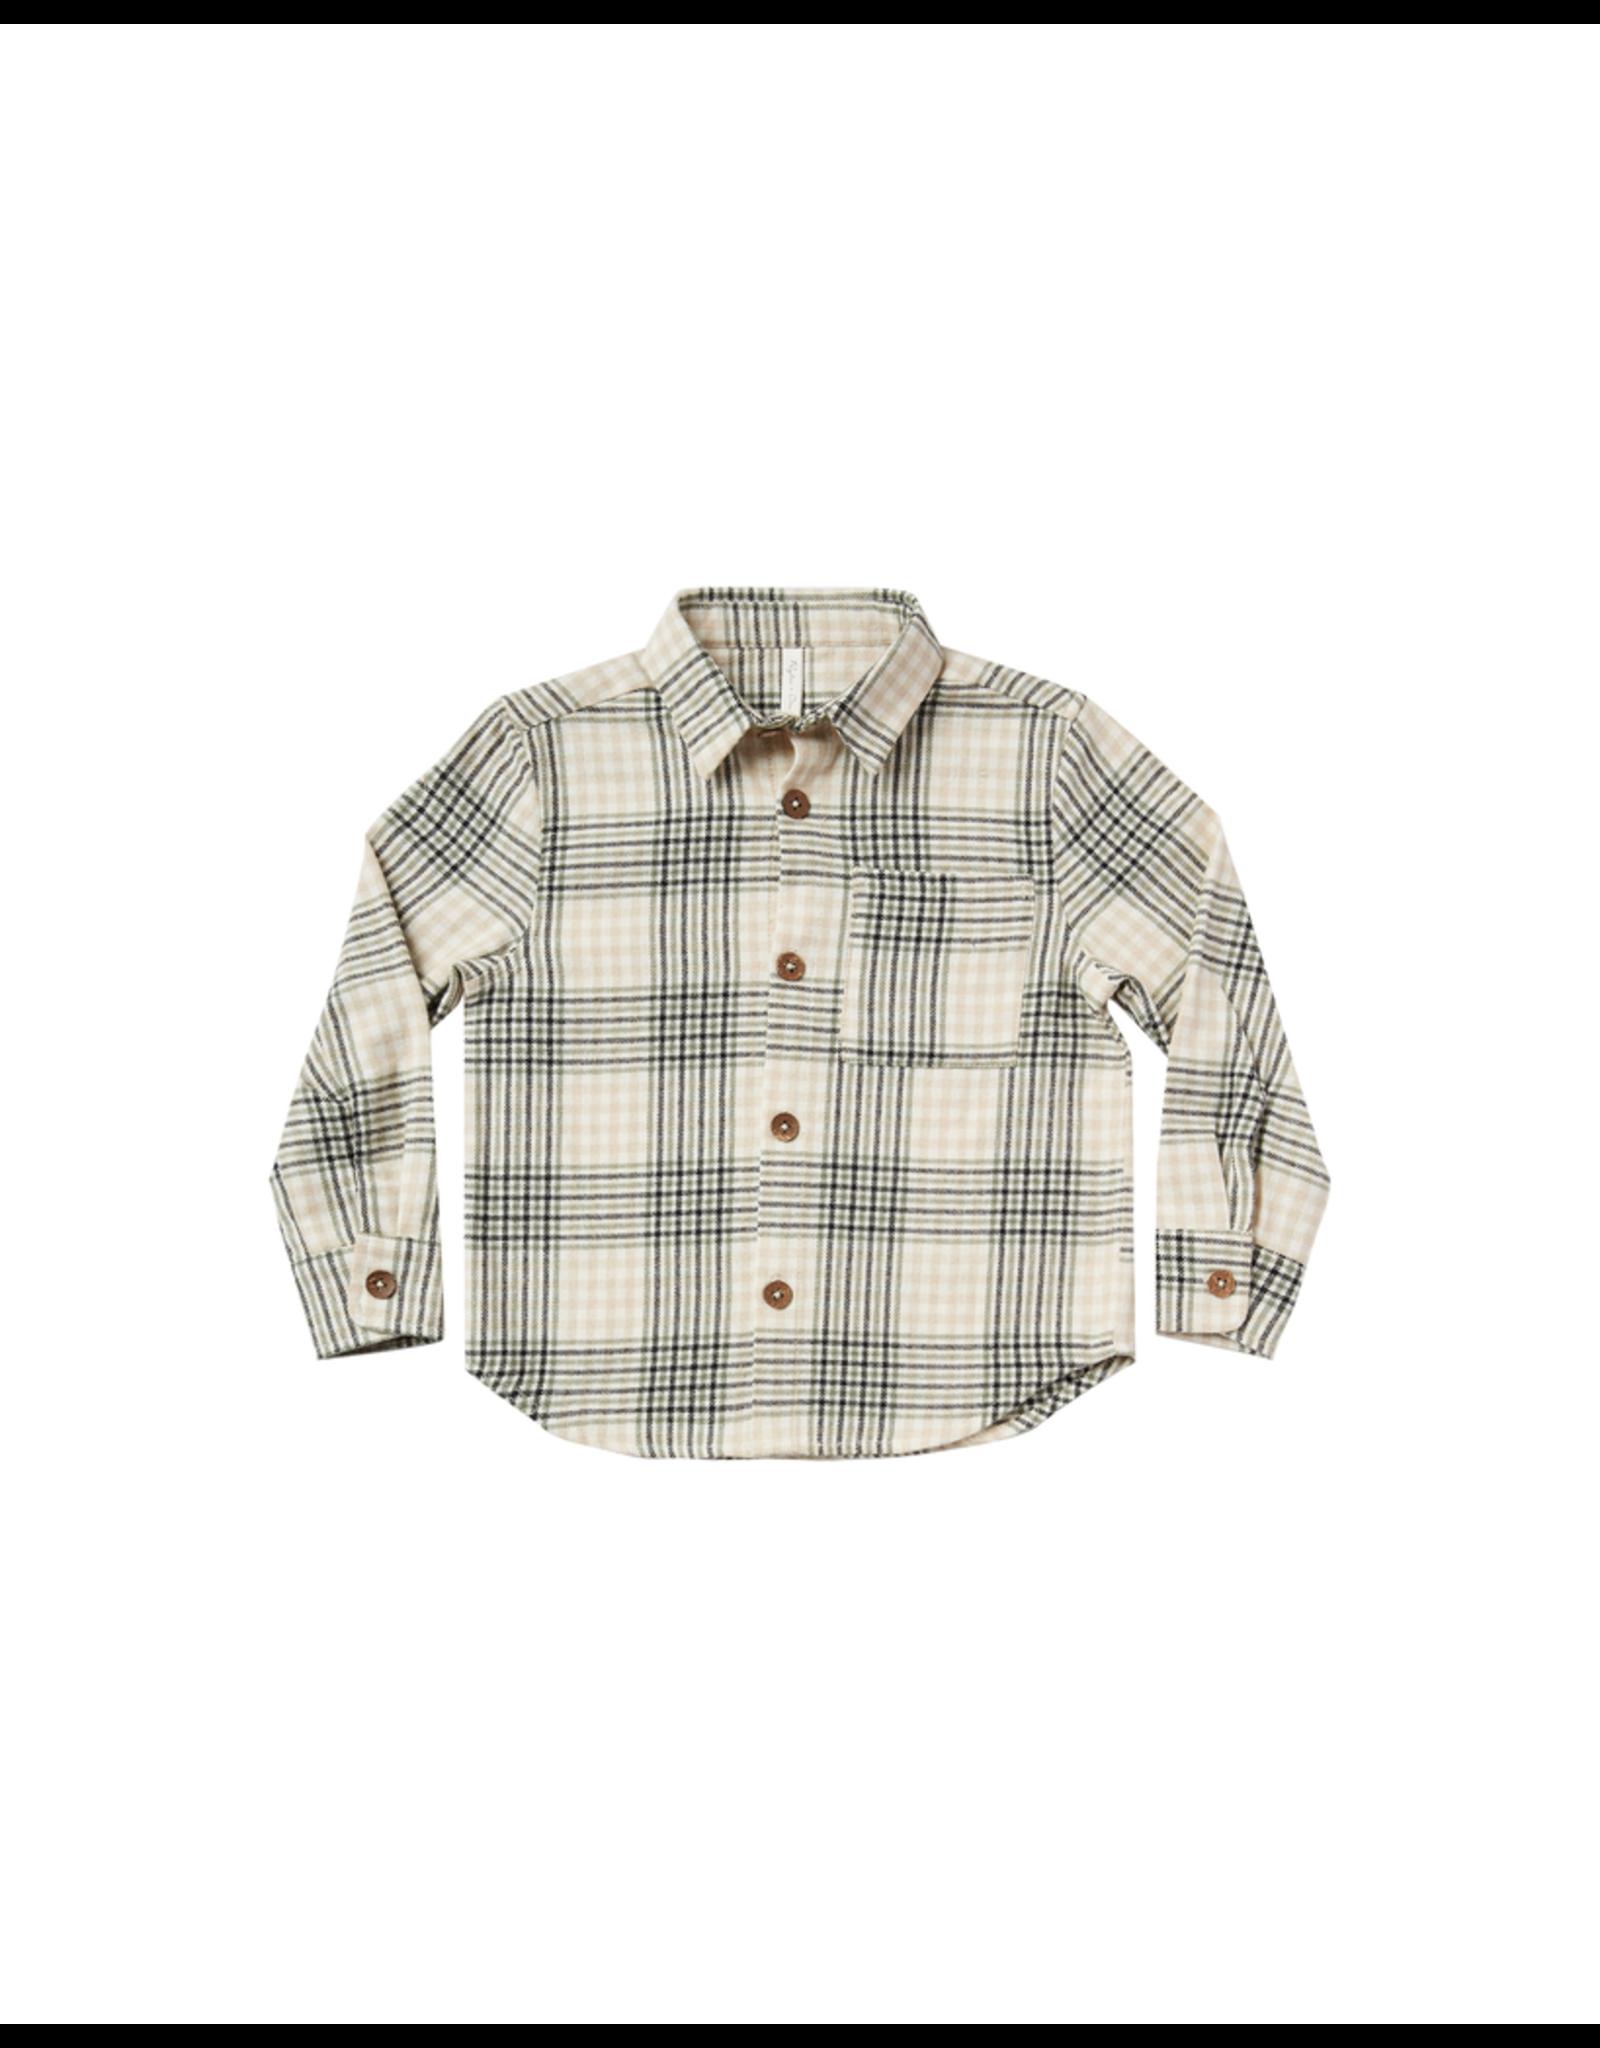 rylee cru rylee + cru flannel collared shirt